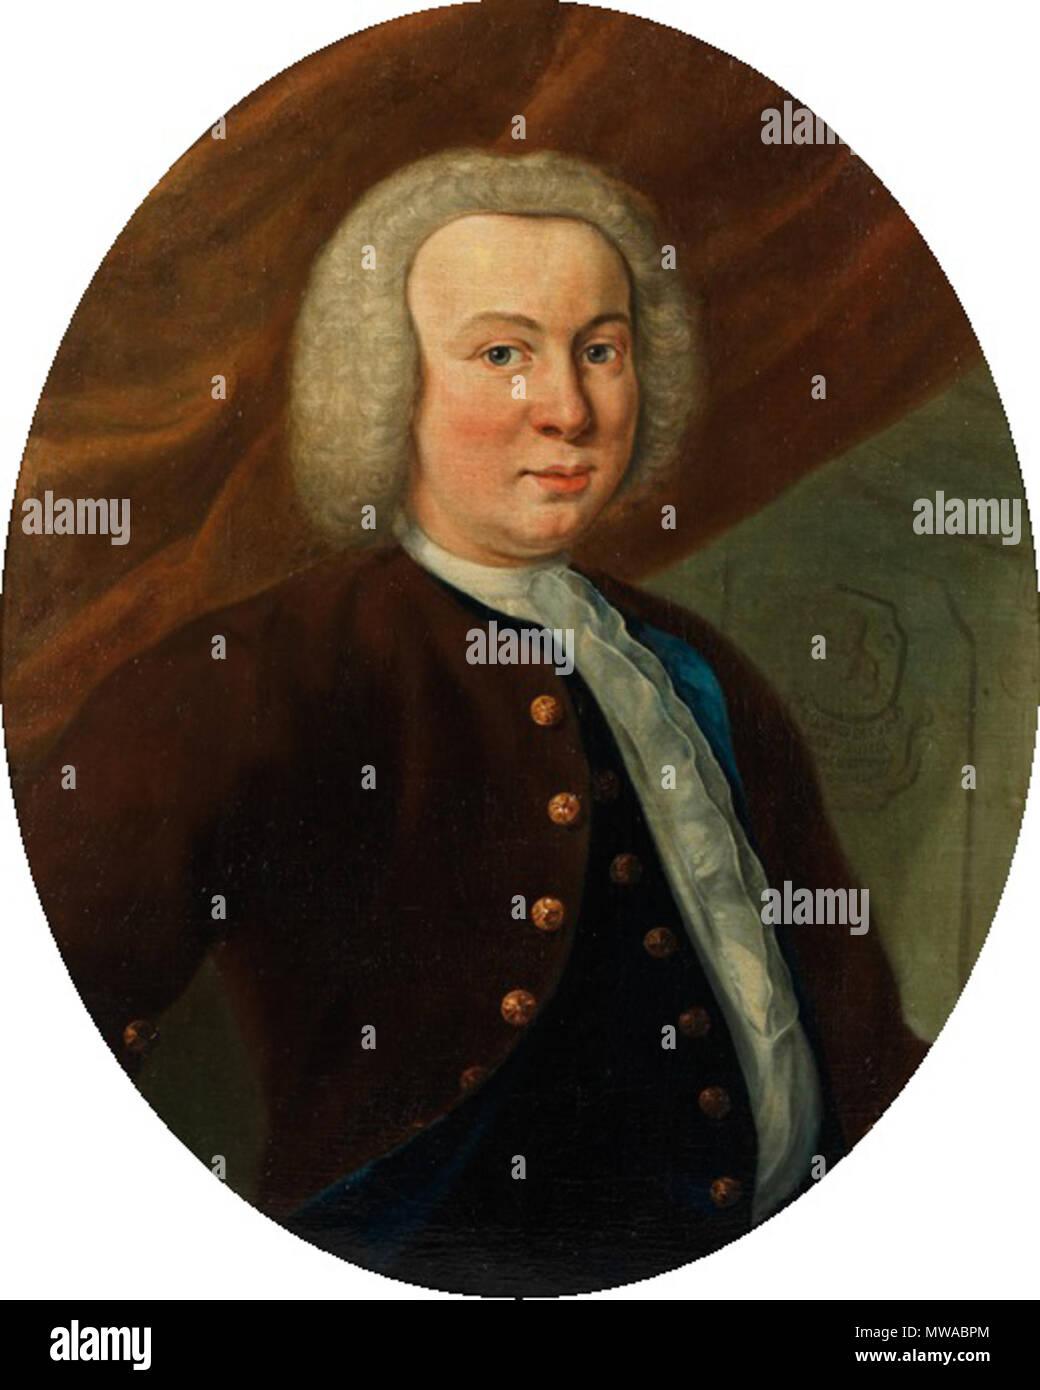 . Nederlands: Edzard Jacob Lewe van Middelstum . 1740. Johannes Antiquus (1702-1750) 319 Johannes Antiquus - Edzard Jacob Lewe van Middelstum - Stock Image